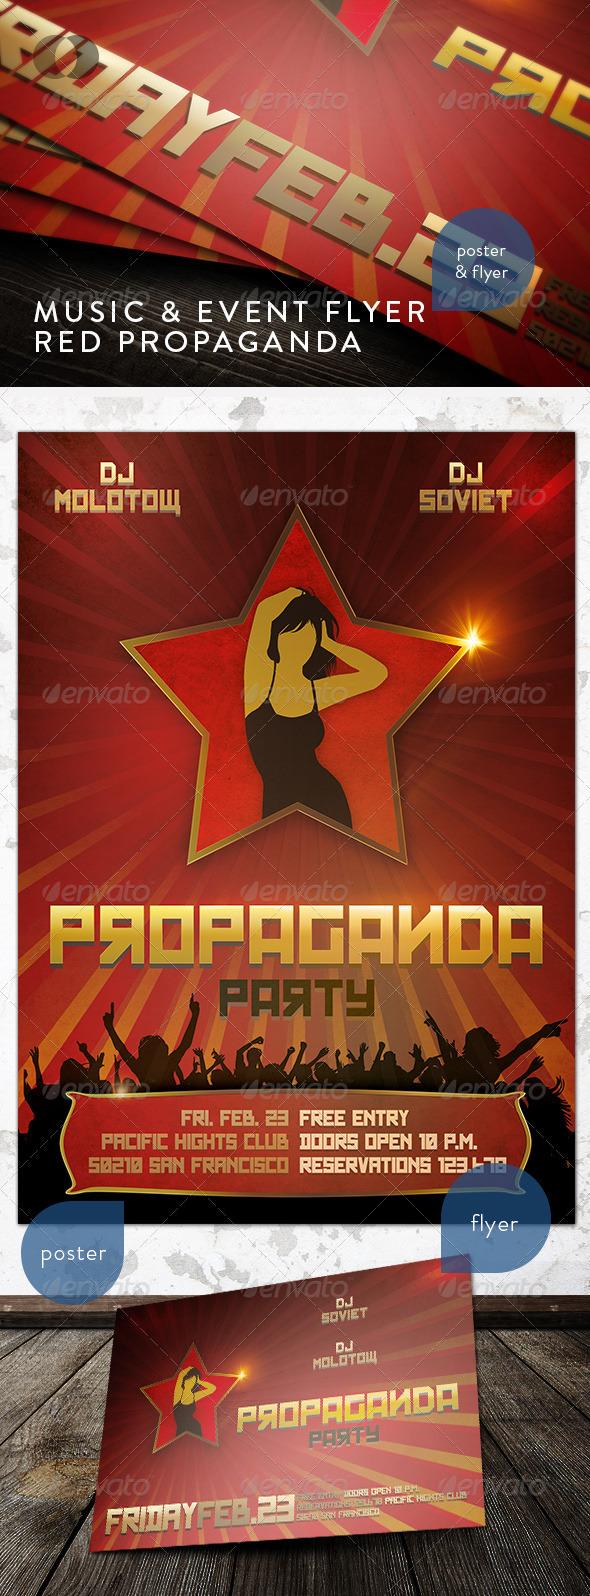 GraphicRiver Music & Event Flyer Red Propaganda 152209